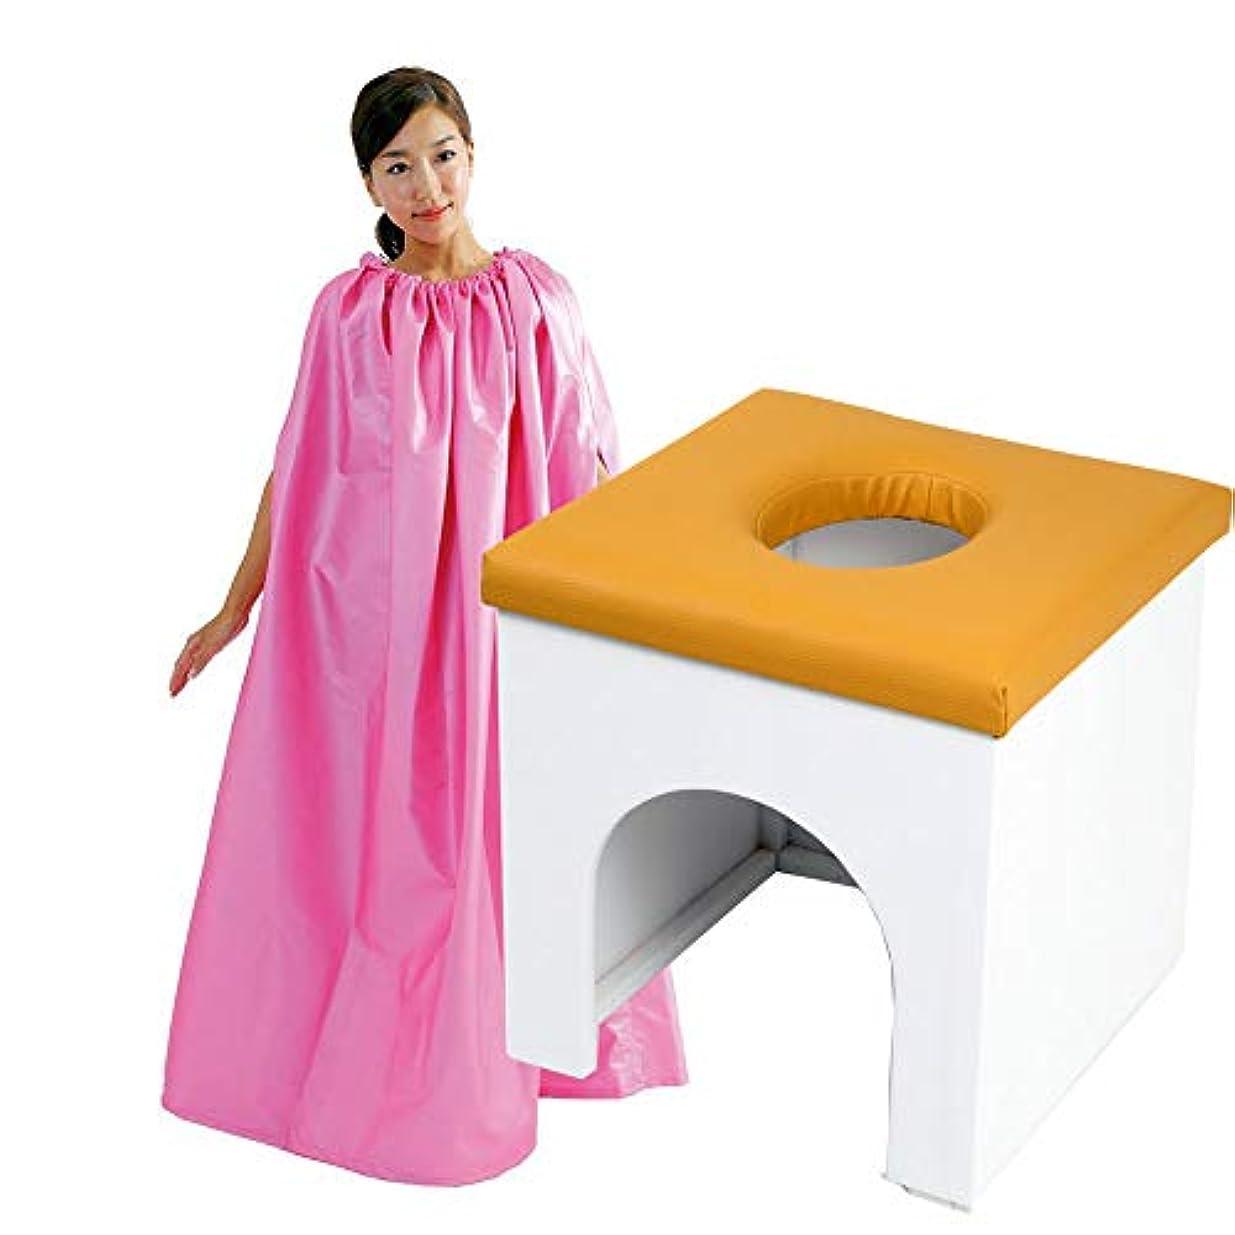 フリンジ概要背景【WM】まる温よもぎ蒸し【白椅子(マスタードシート)セット】専用マント?薬草60回分?電気鍋【期待通りの満足感をお届けします!】/爽やかなホワイトカラーで、人体に無害な塗装仕上げで通常の椅子より長持ちします (ピンク)